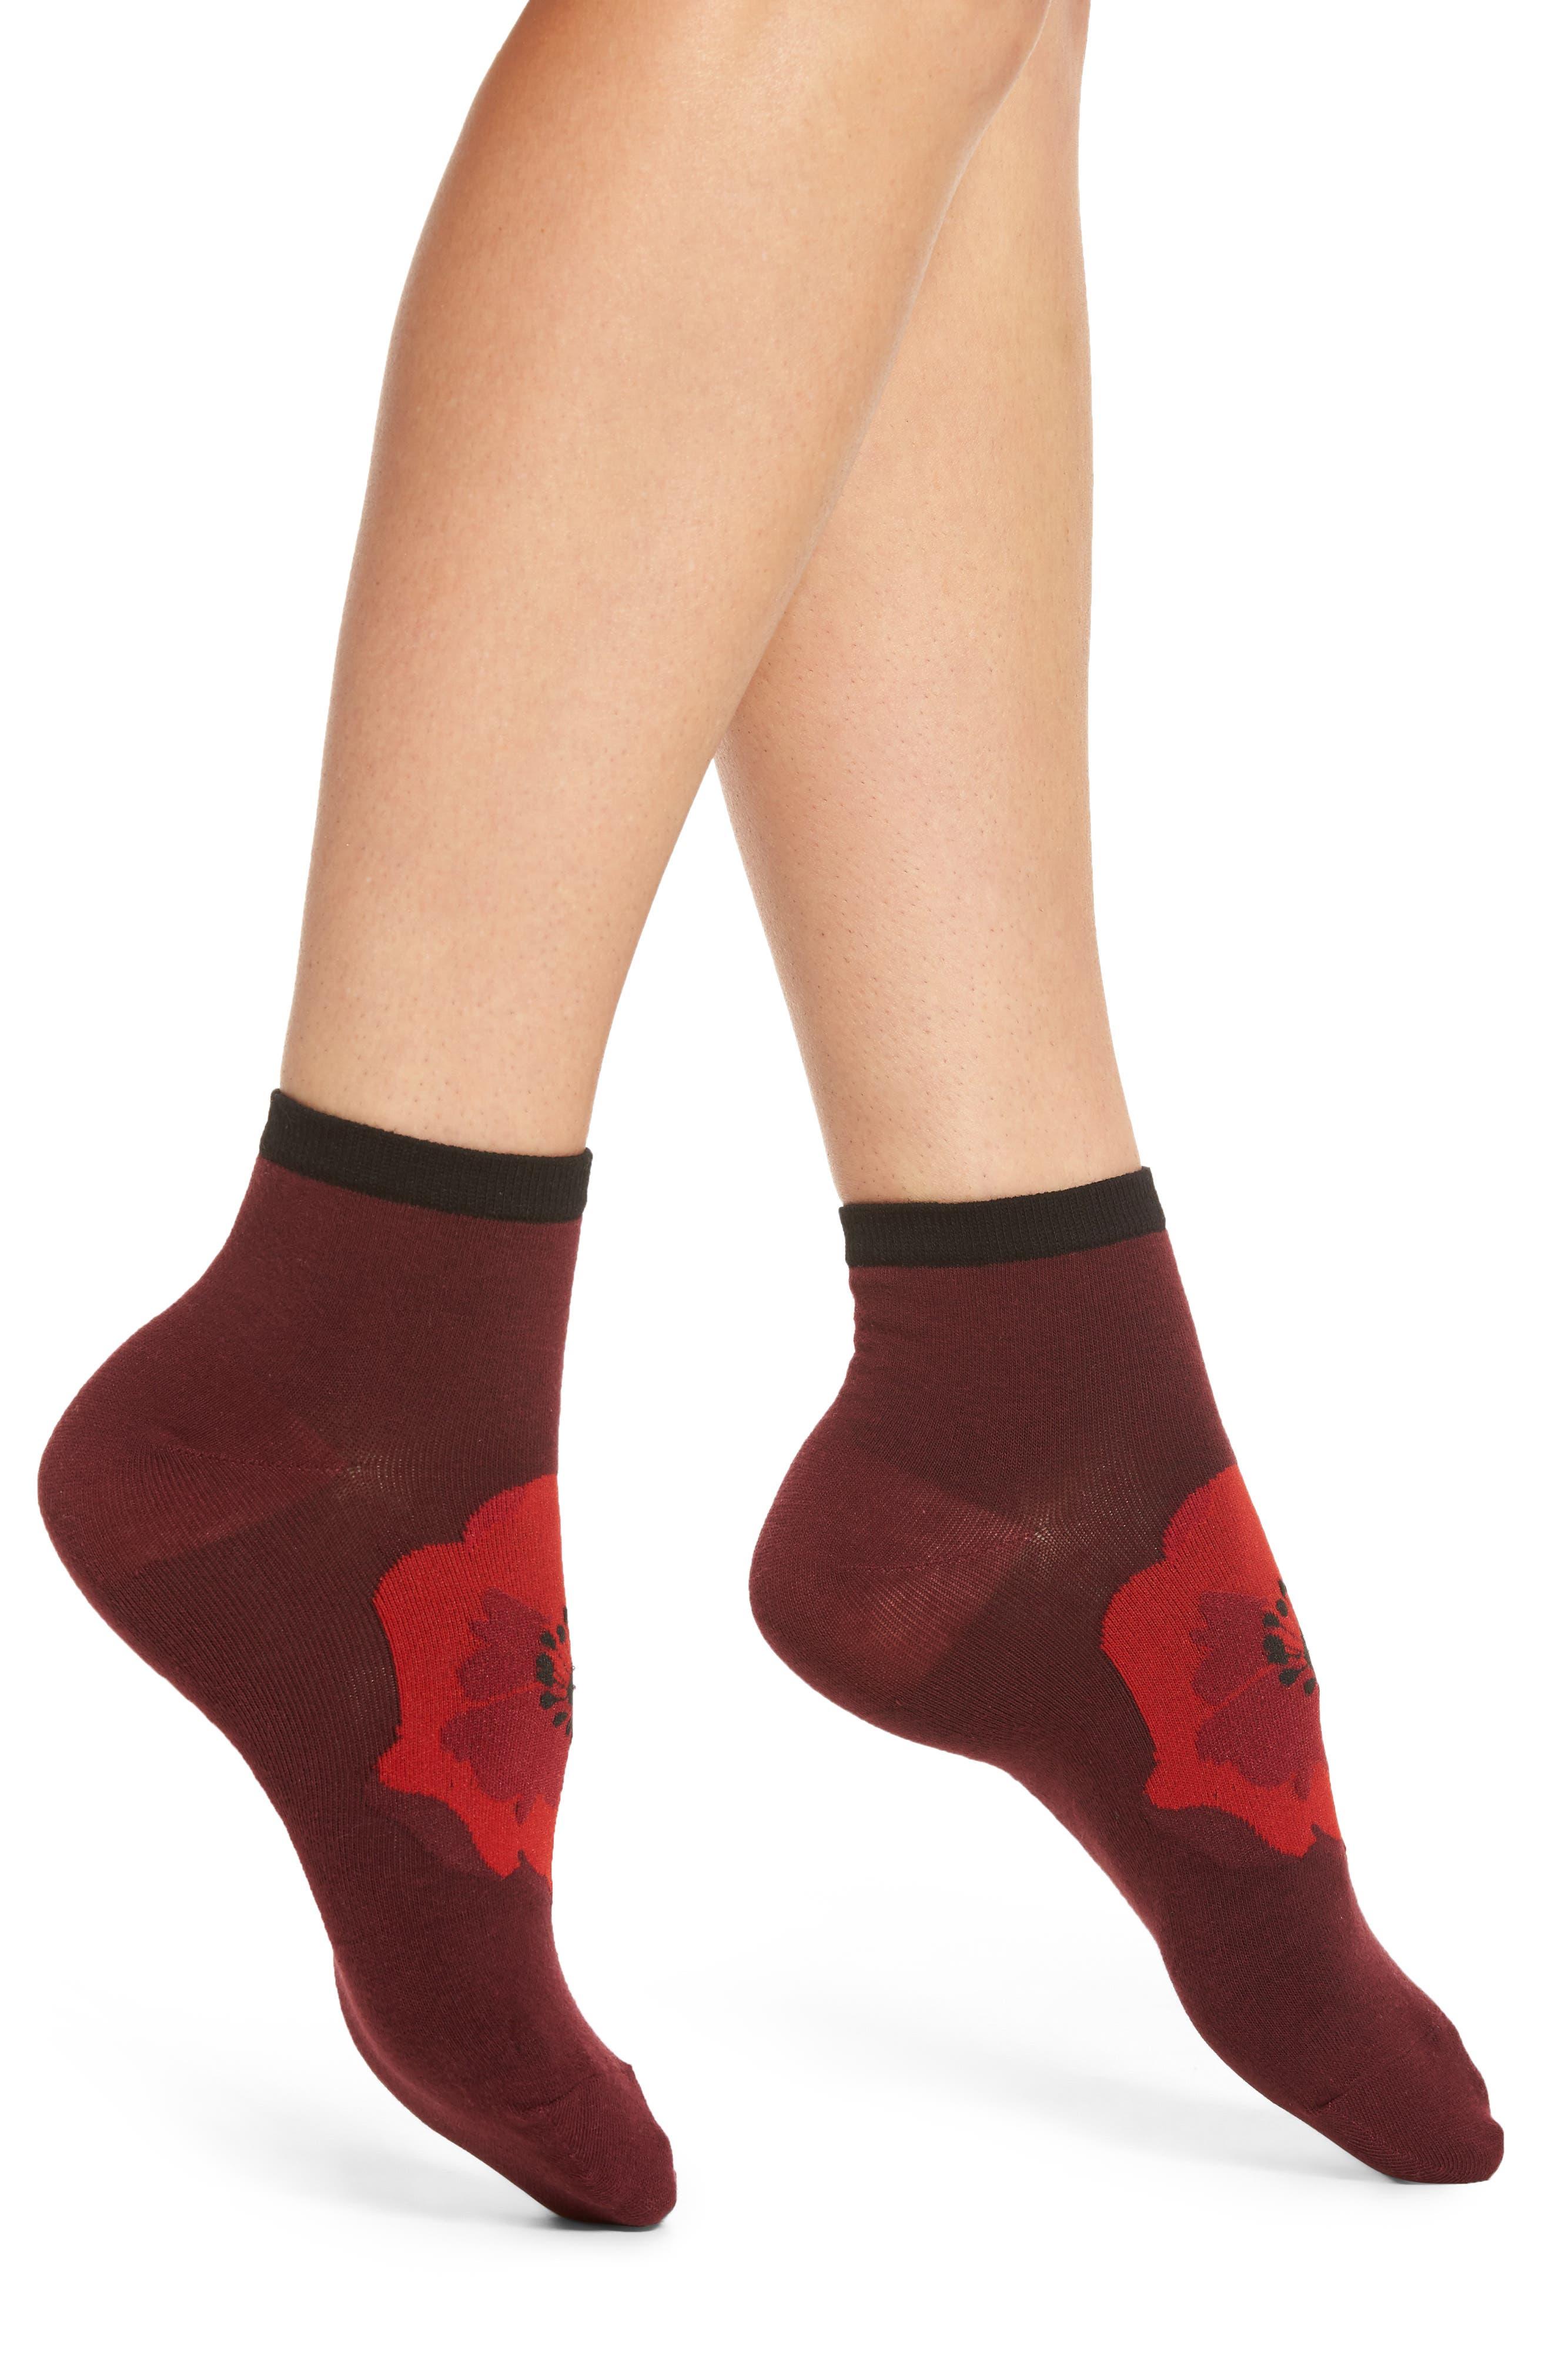 kate spade new york poppy ankle socks (3 for $24)